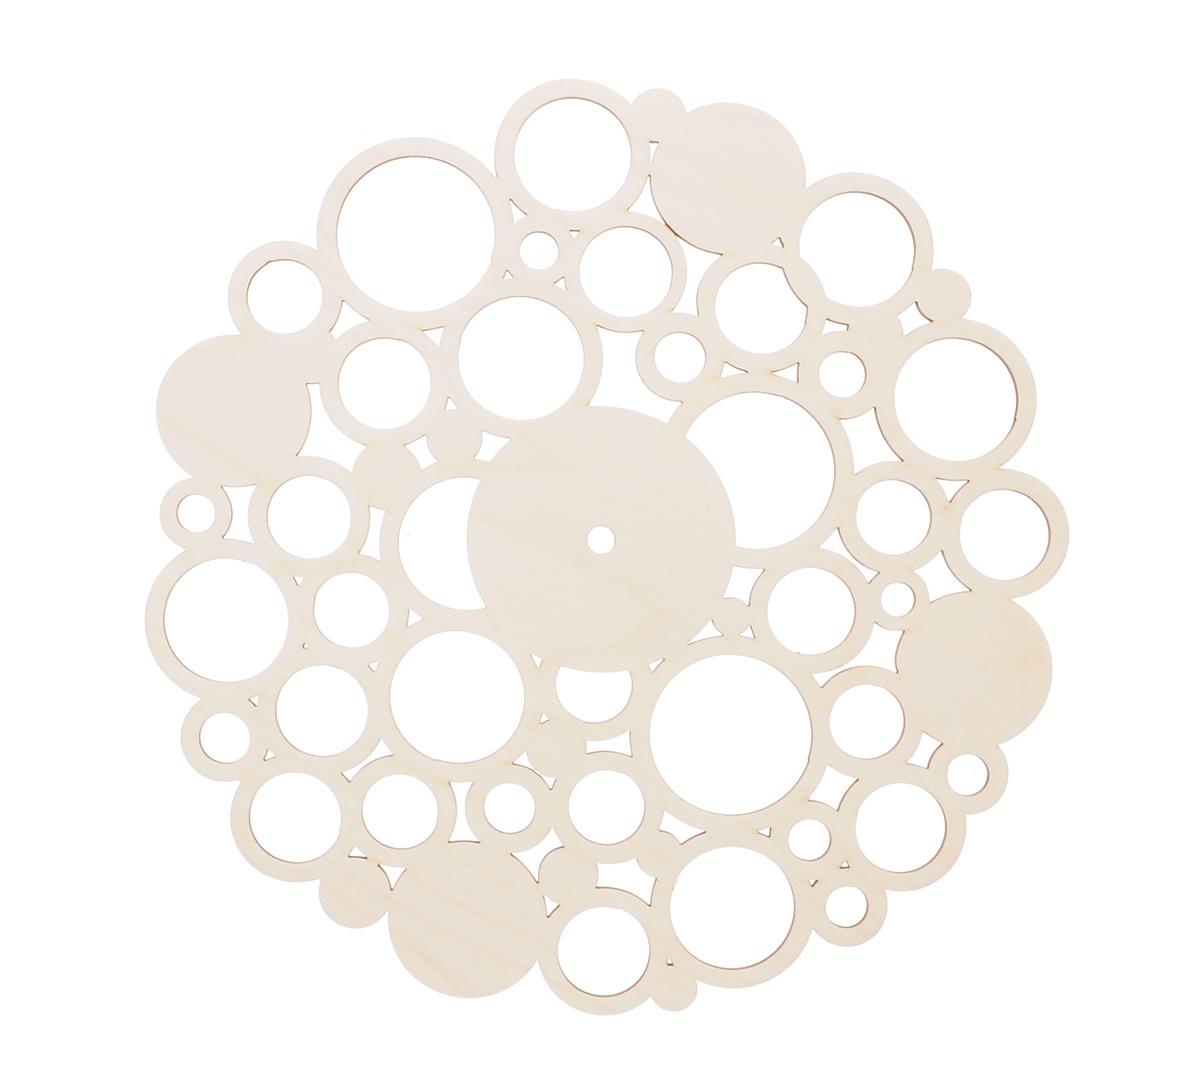 Деревянная заготовка Астра Циферблат. Круги, диаметр 29 см486761Заготовка Астра Циферблат. Круги изготовлена из дерева. Изделие станет хорошим объектом для вашего творчества и занятий декупажем. А присоединив к украшенной заготовке часовой механизм у вас получатся оригинальные часы. Заготовка, раскрашенная красками, будет прекрасным украшением интерьера или отличным подарком. Часовой механизм в комплект не входит.